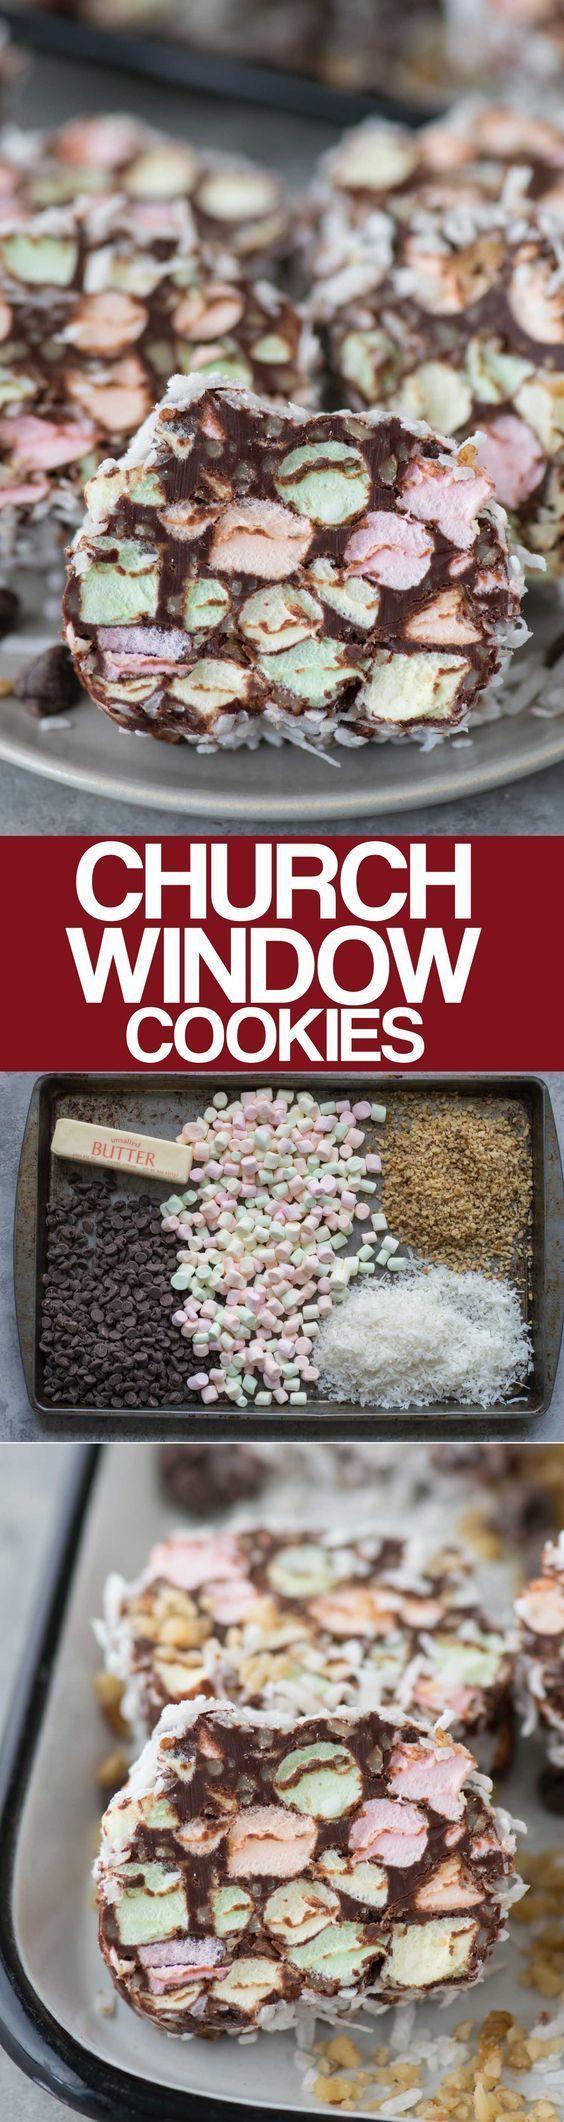 Kirchenfenster! Ein klassisches No-Bake-Weihnachtsgebäck mit Mini-Marshmallows, ...   - Baking -